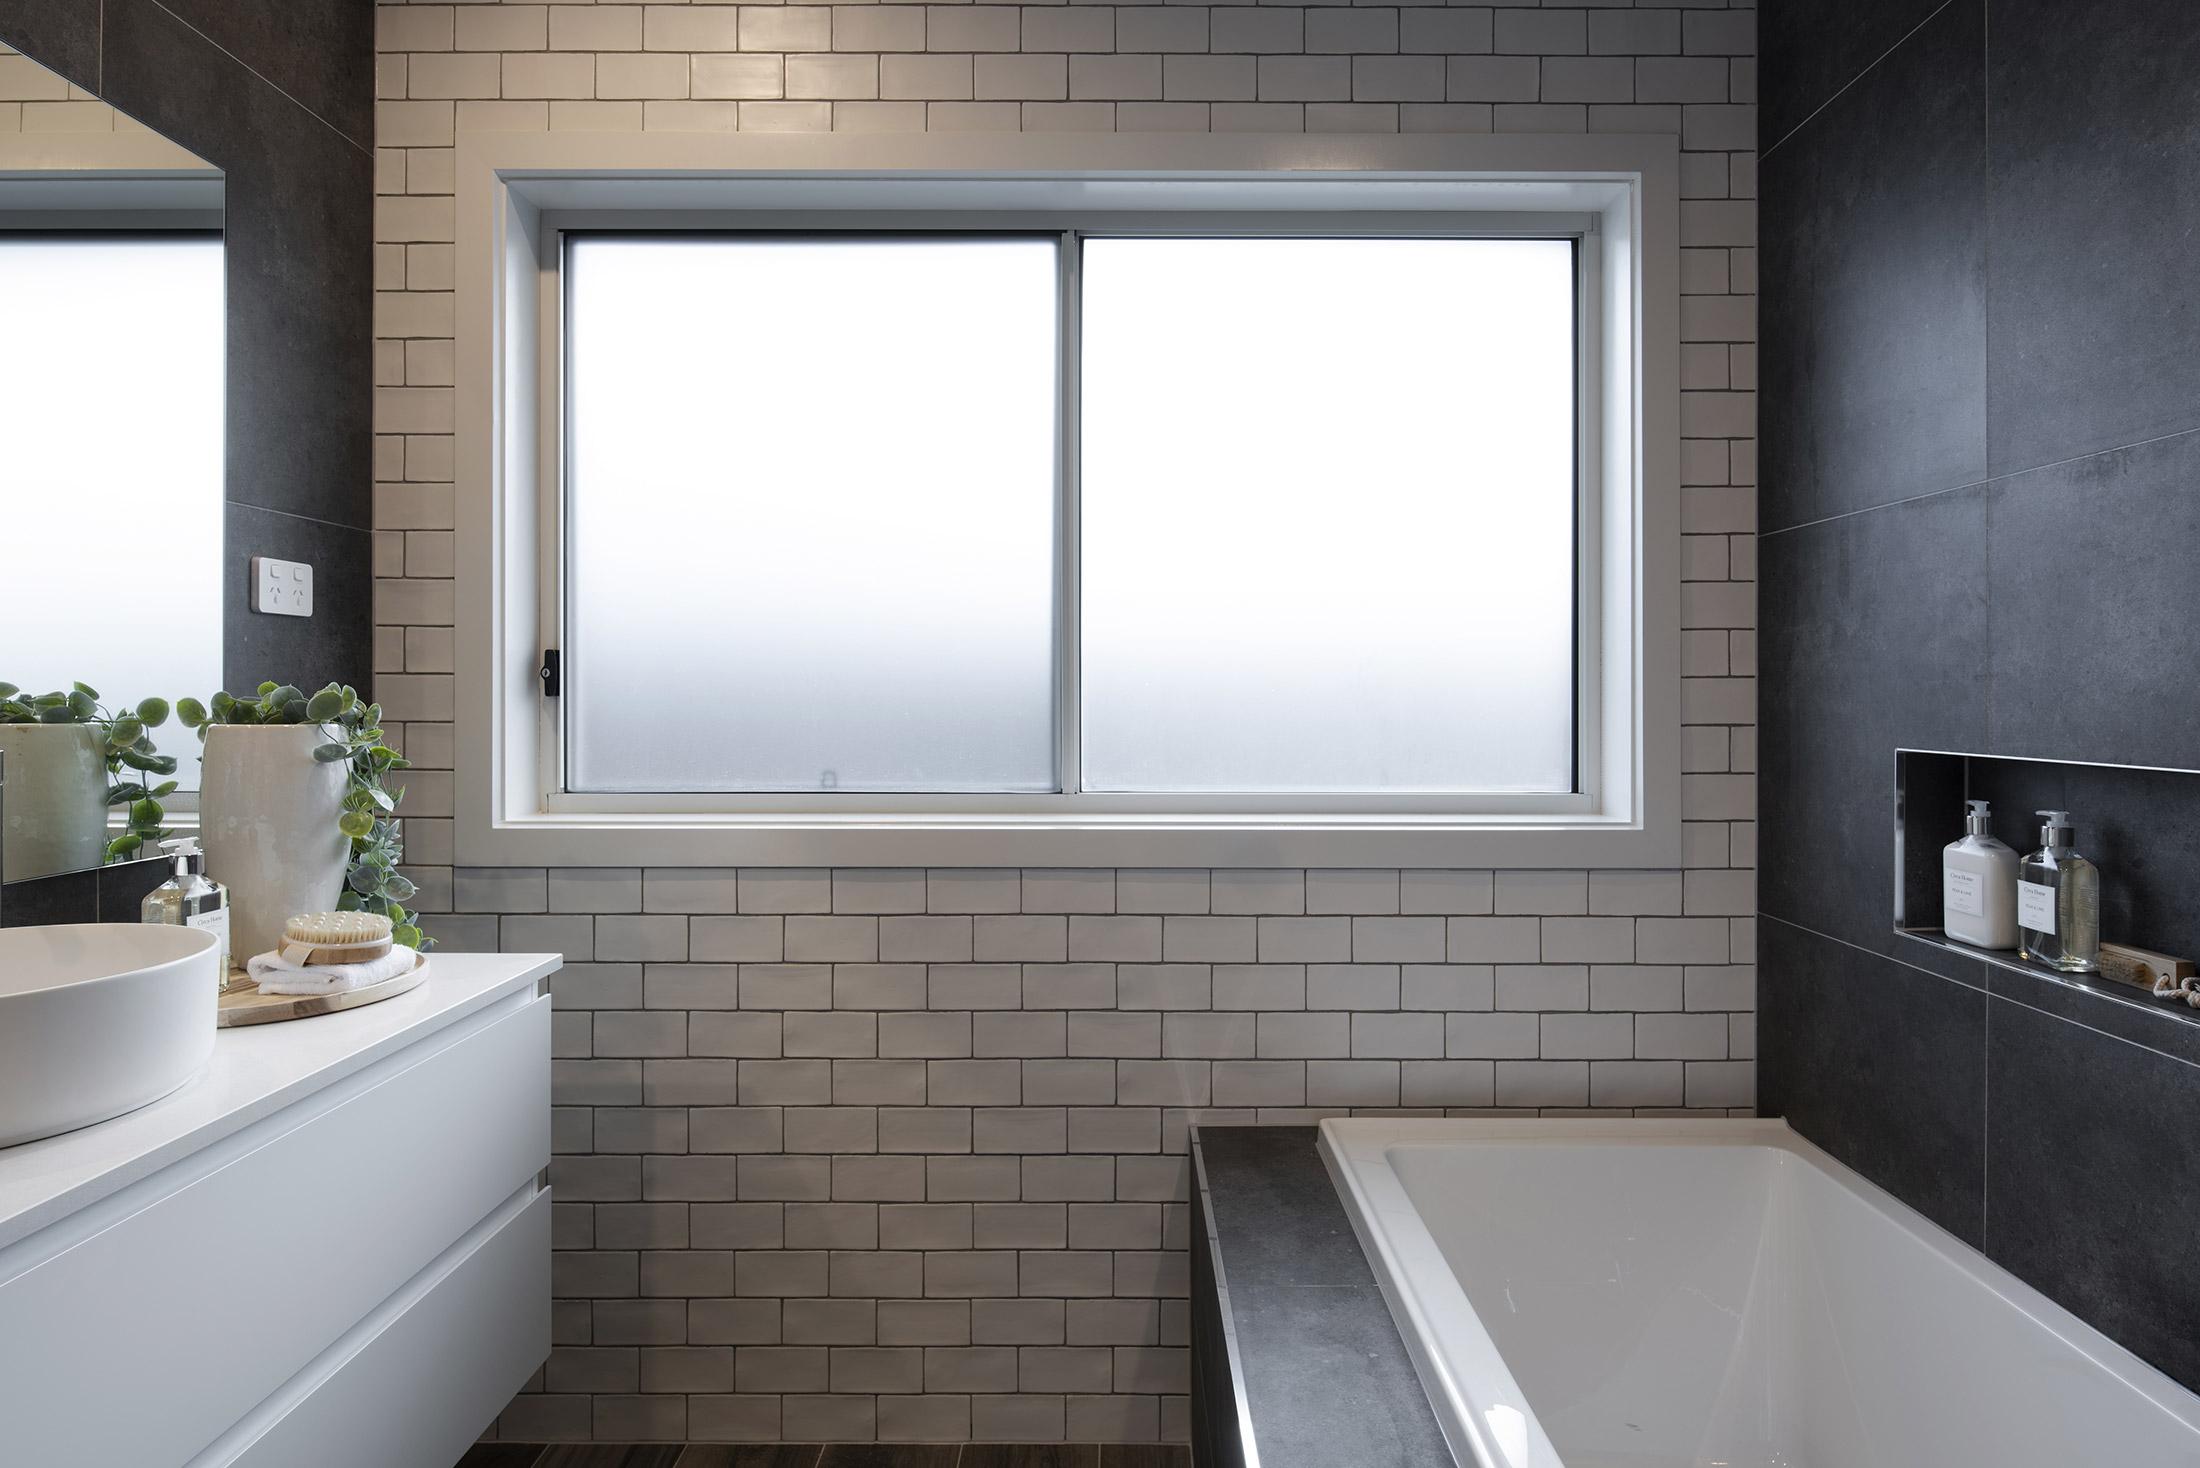 Minimalist style bathroom design